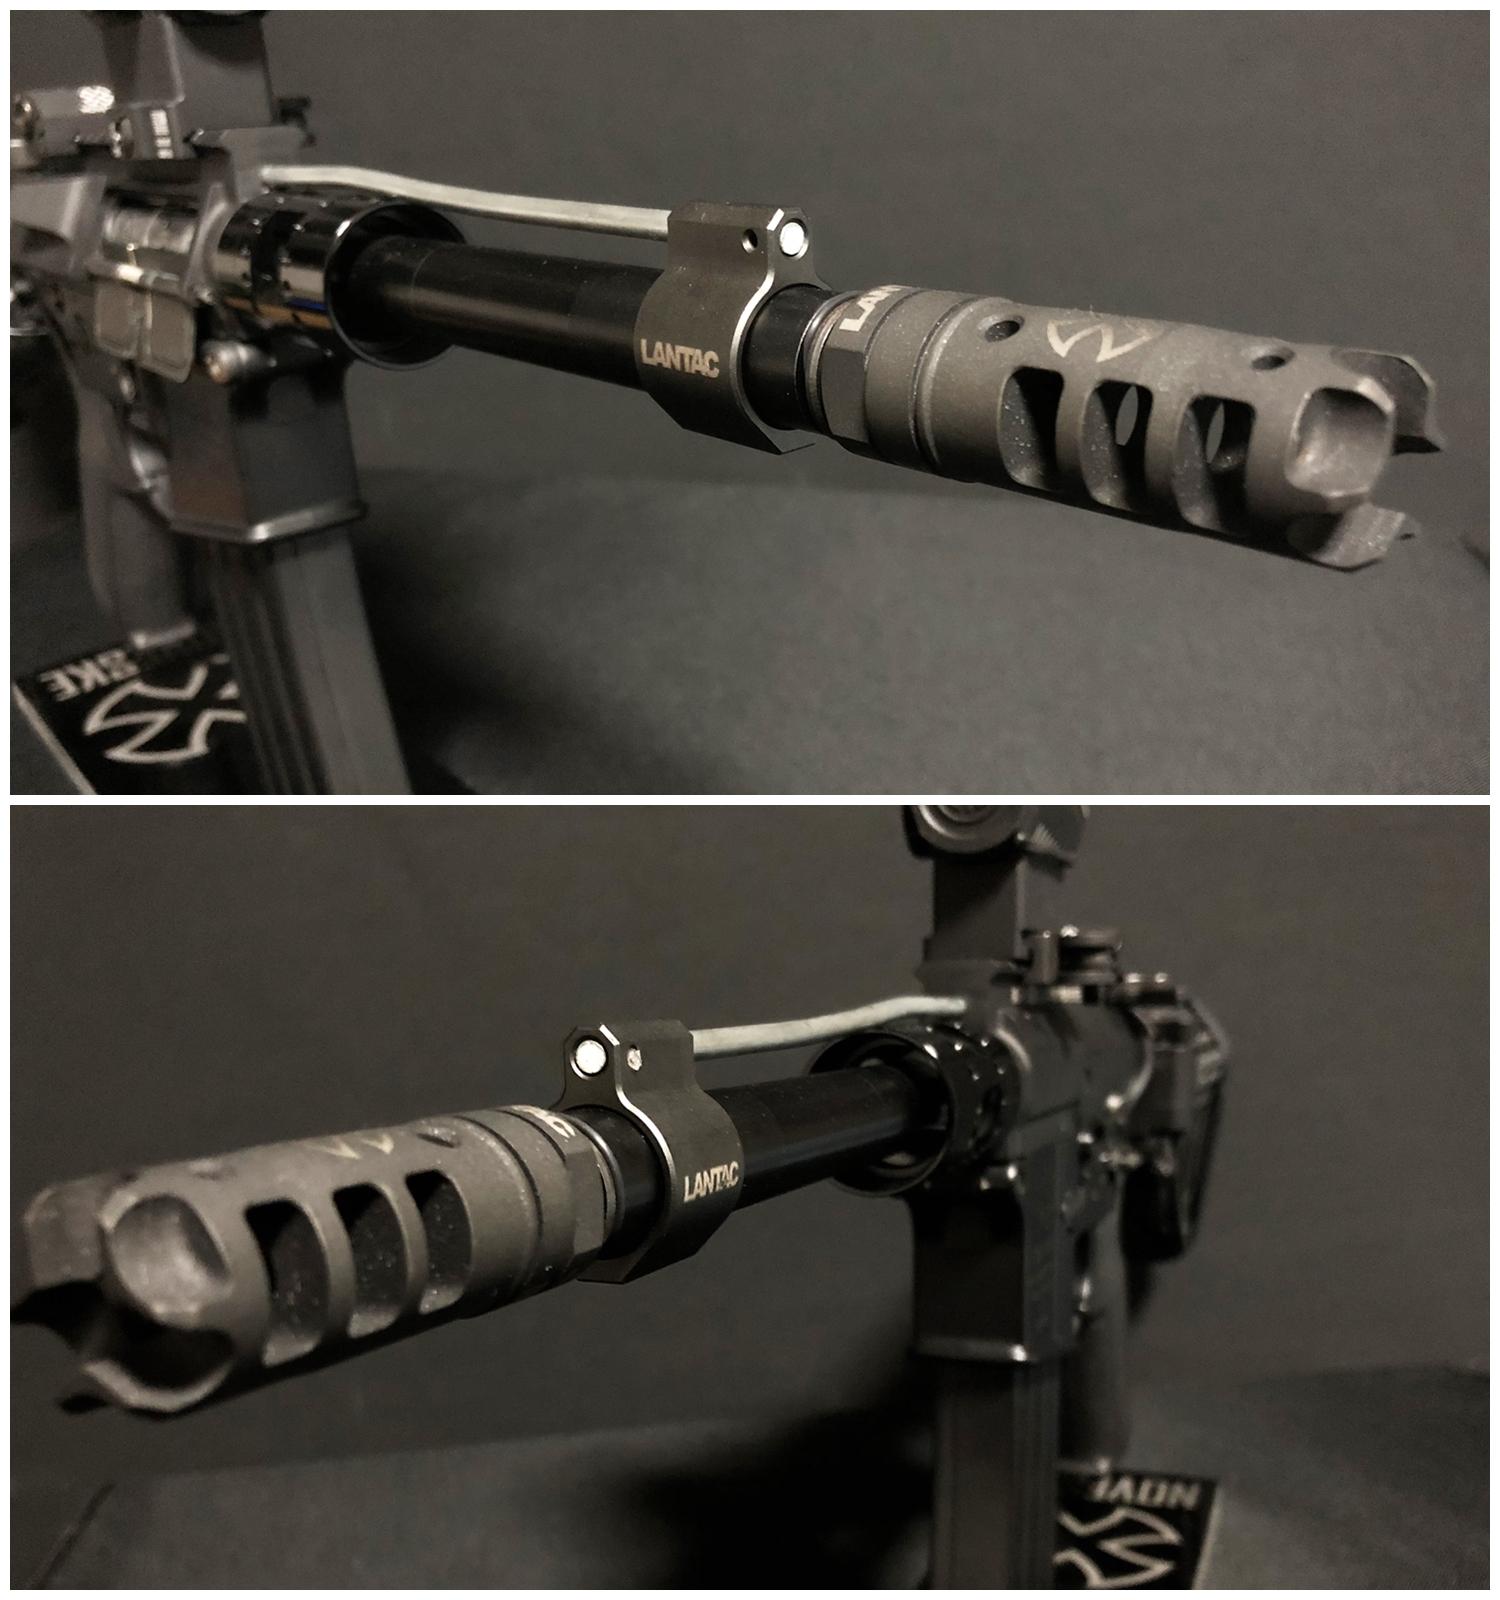 15 実物 LANTAC ULTRA LOW PROFILE GAS BLOCK 750 AR15 556 MADE IN THE USA ガスブロック 購入 取付 次世代 M4 CQB-R カスタム レビュー!!